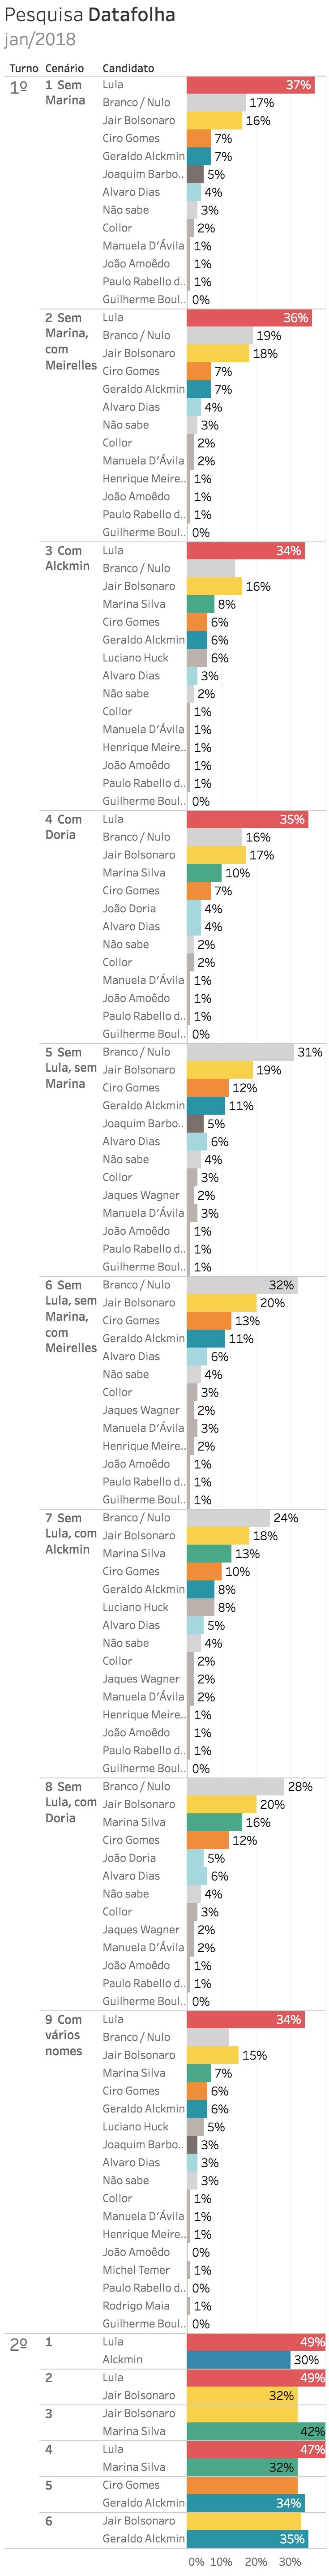 Pesquisa realizada pelo Datafolha de 29 jan a 30 jan de 2018. Eleições 2018 - Gazeta do Povo